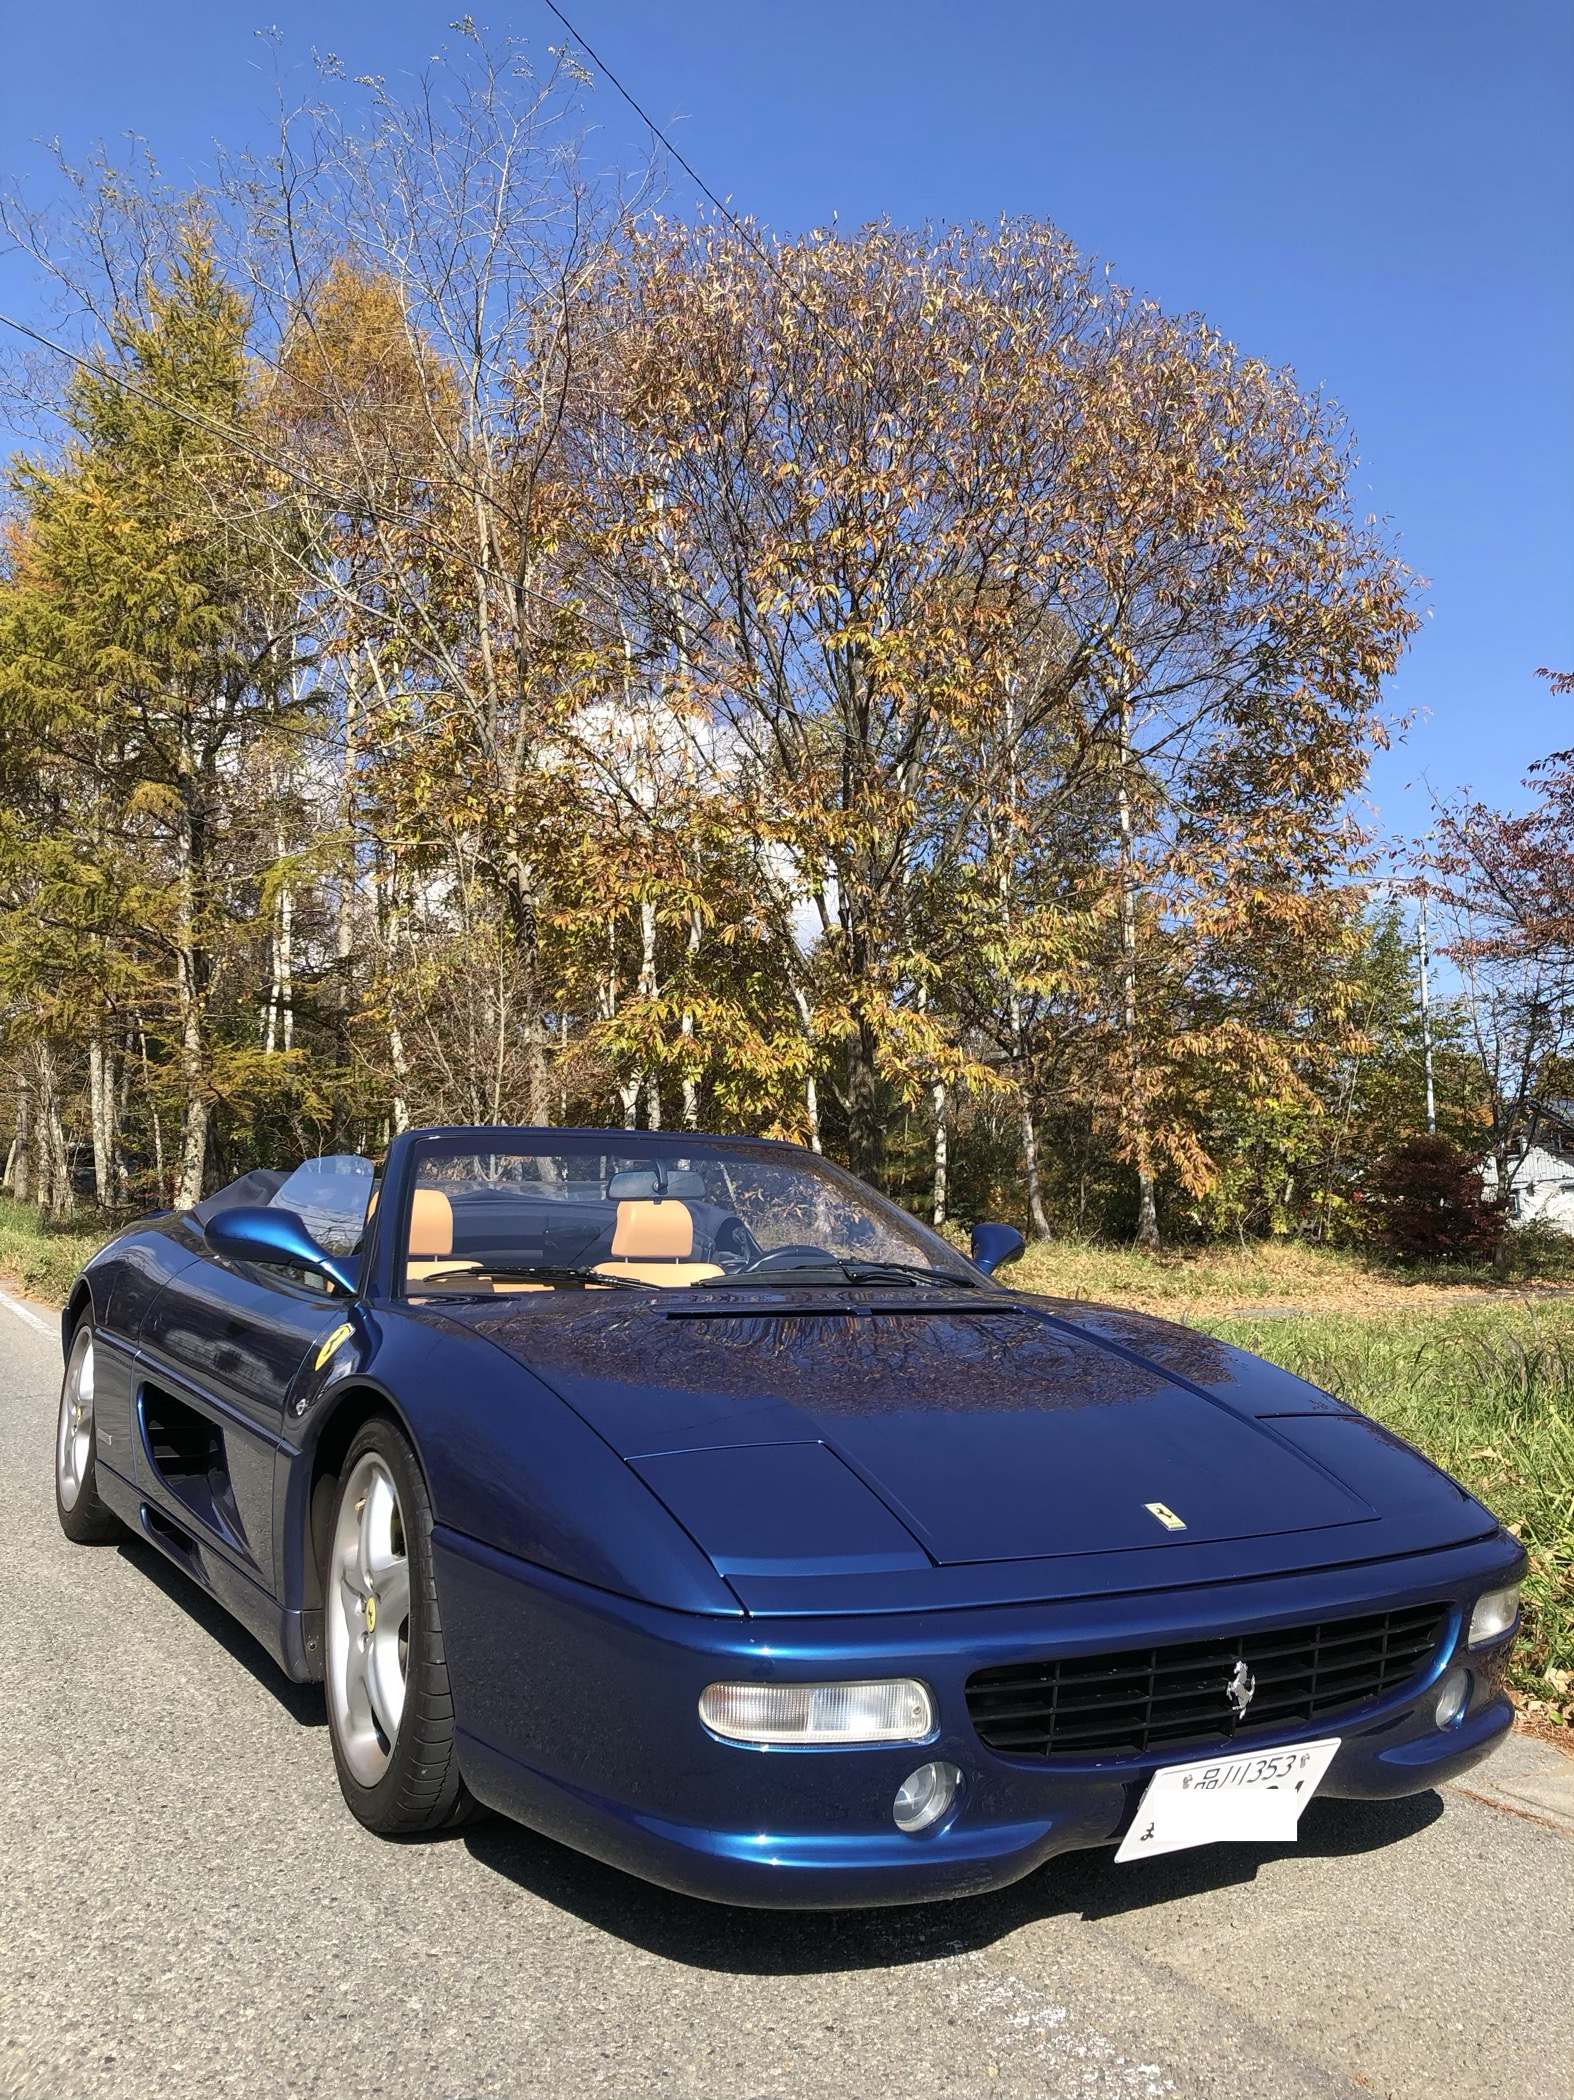 メンバー(愛車)紹介 1:Ferrari F355 spider